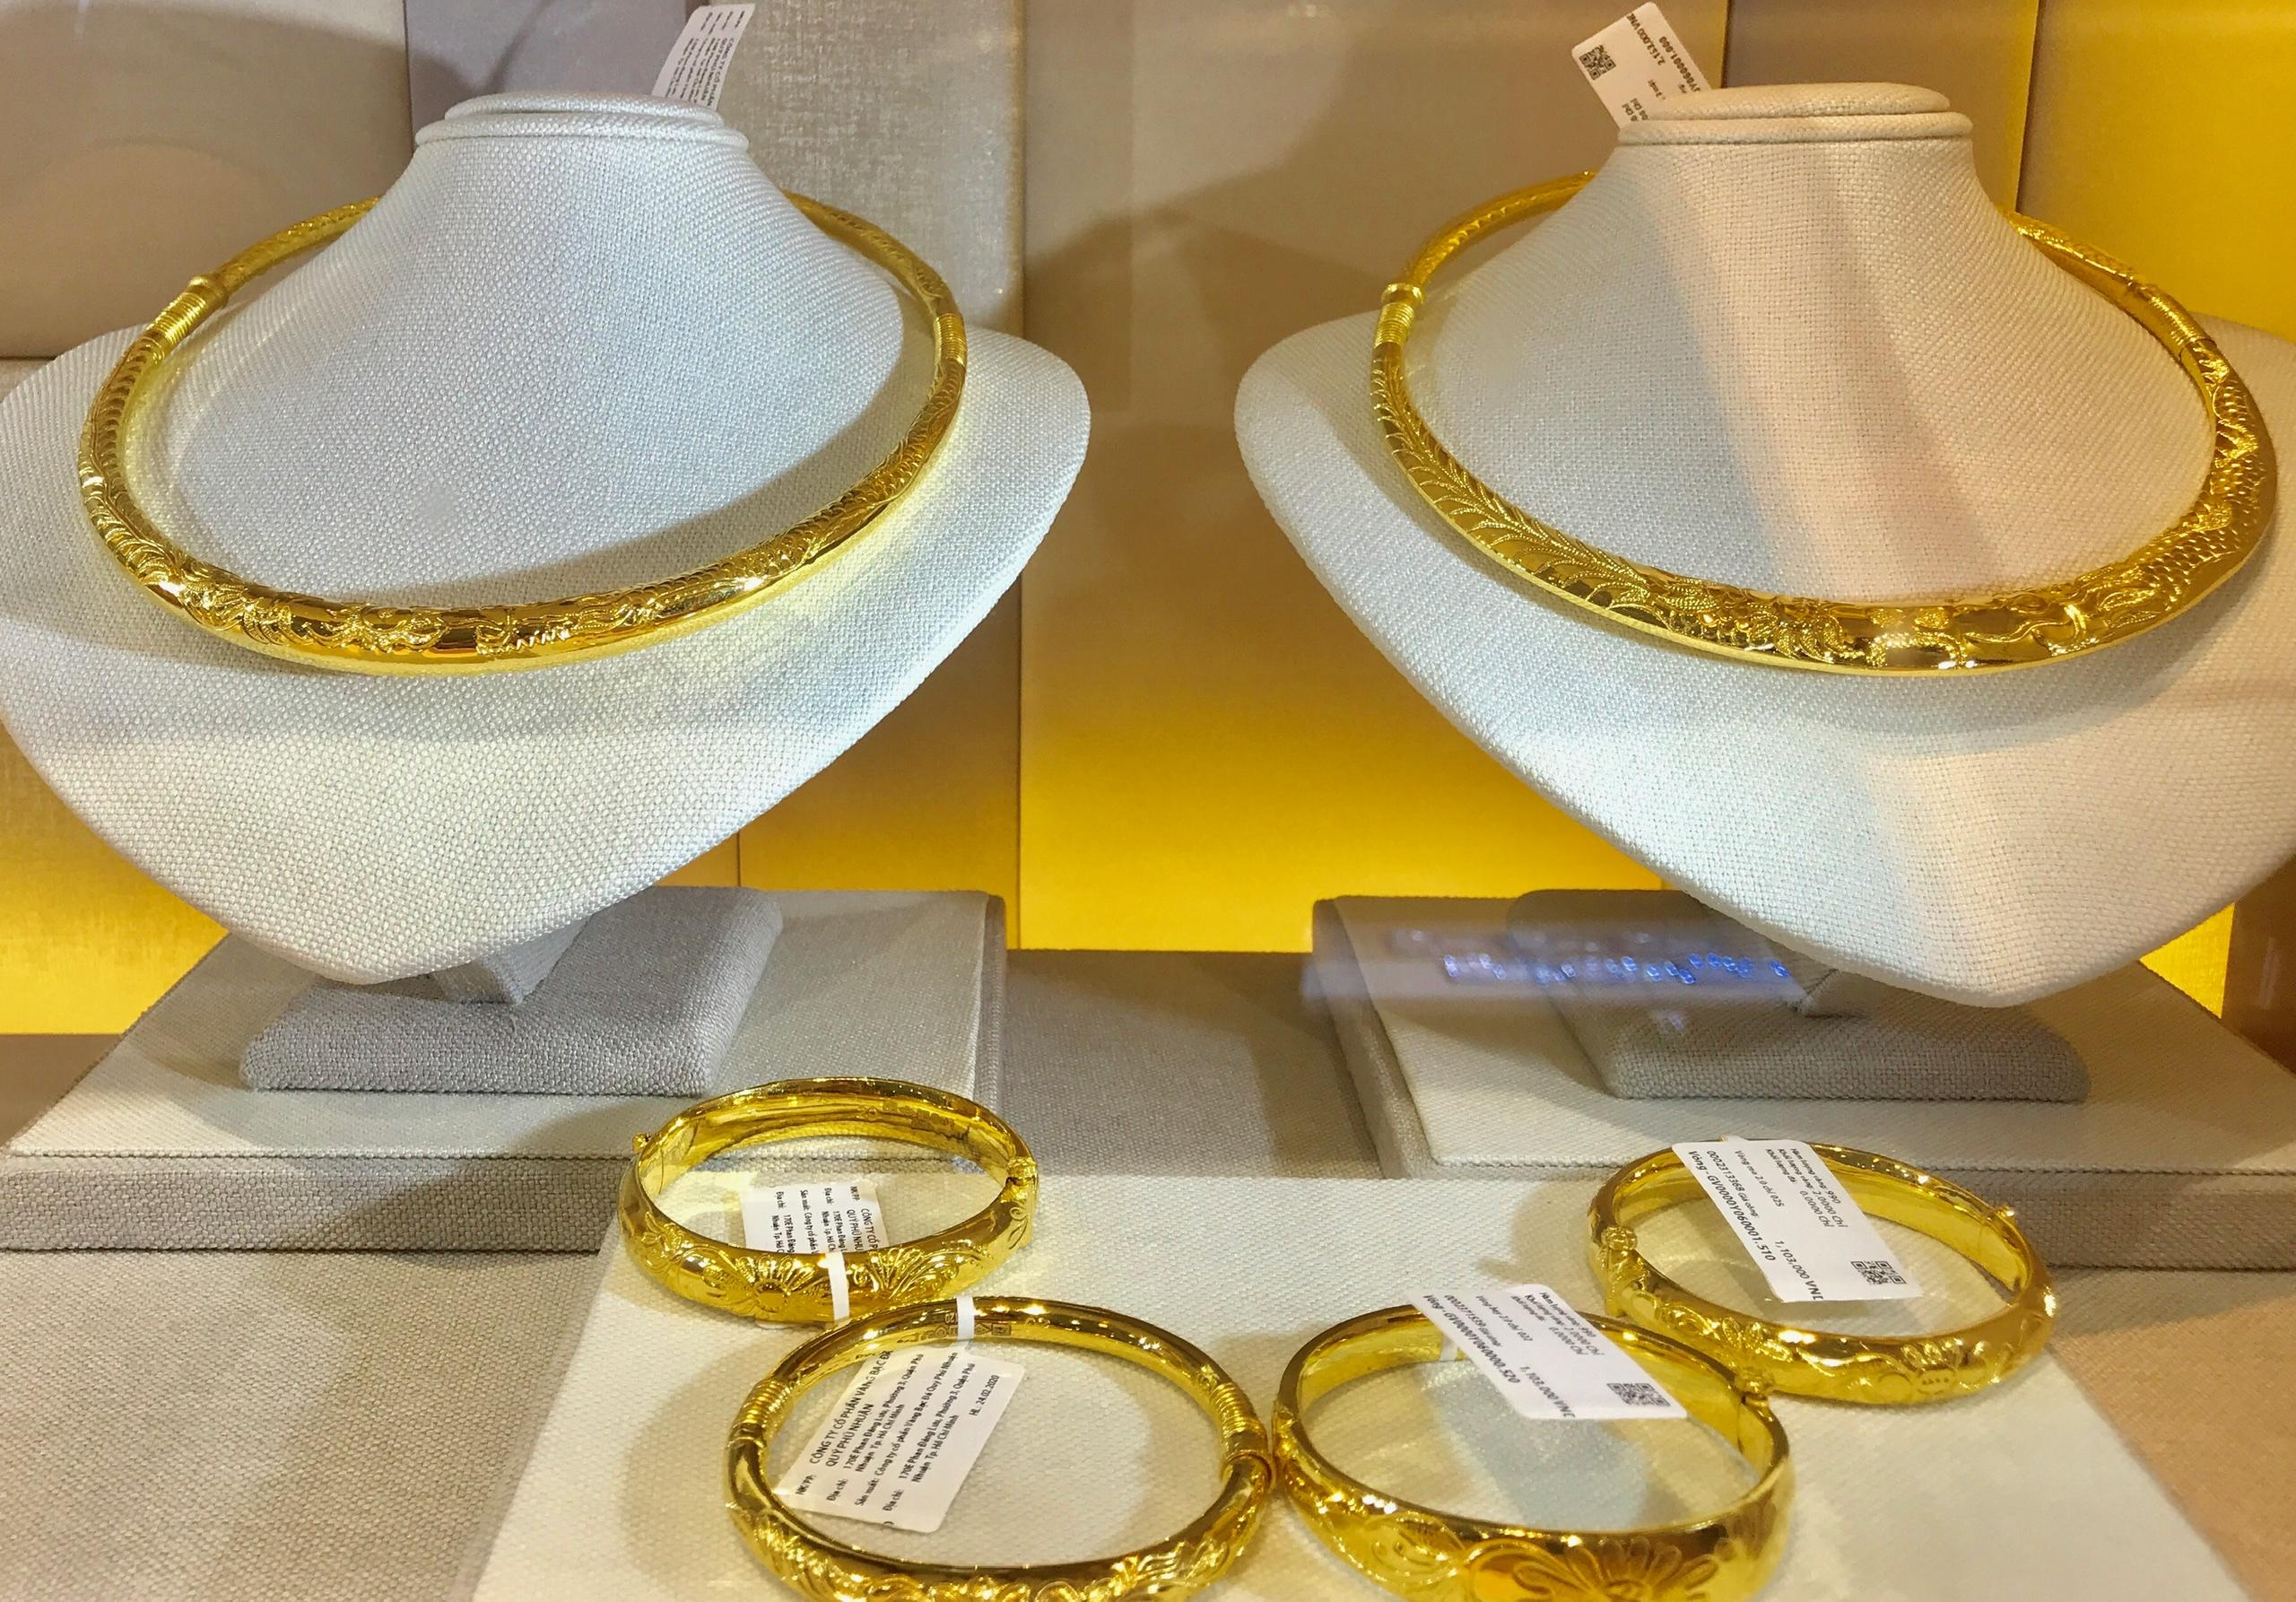 Giá vàng giảm xuống vùng 54 triệu đồng/lượng, người mua lỗ hơn 2 triệu đồng/lượng sau 3 ngày - Ảnh 2.